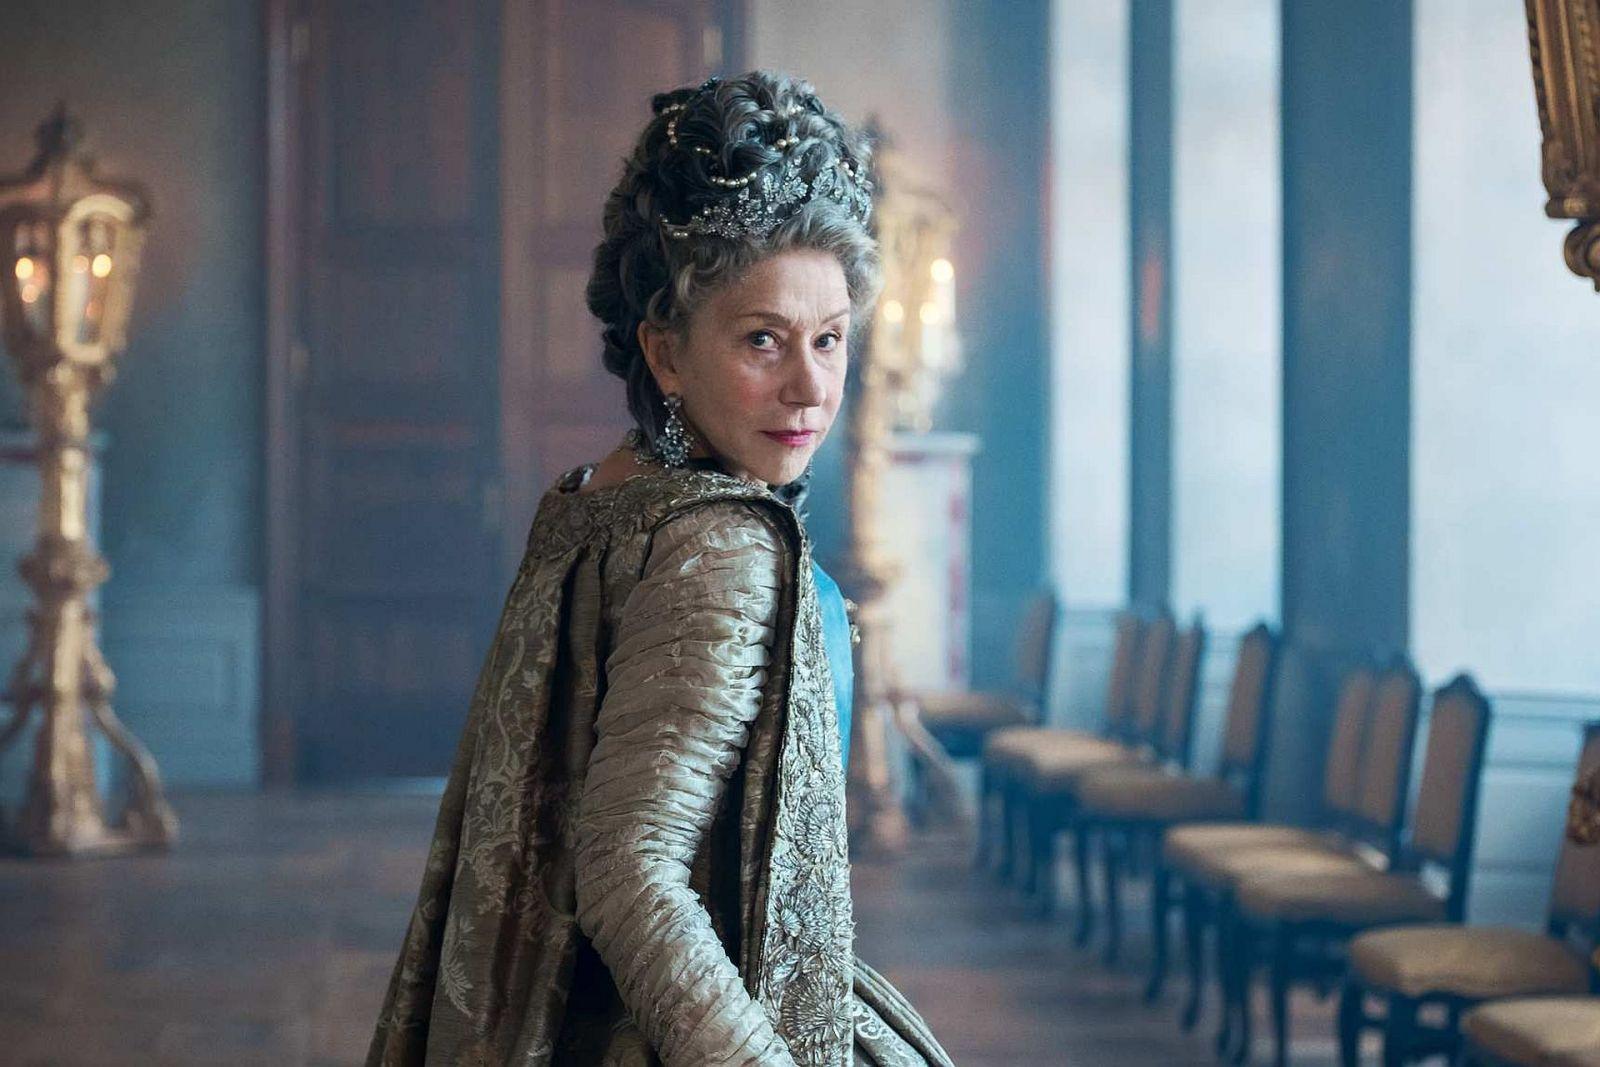 Хелен Миррен в роли Екатерины Великой появится в октябре